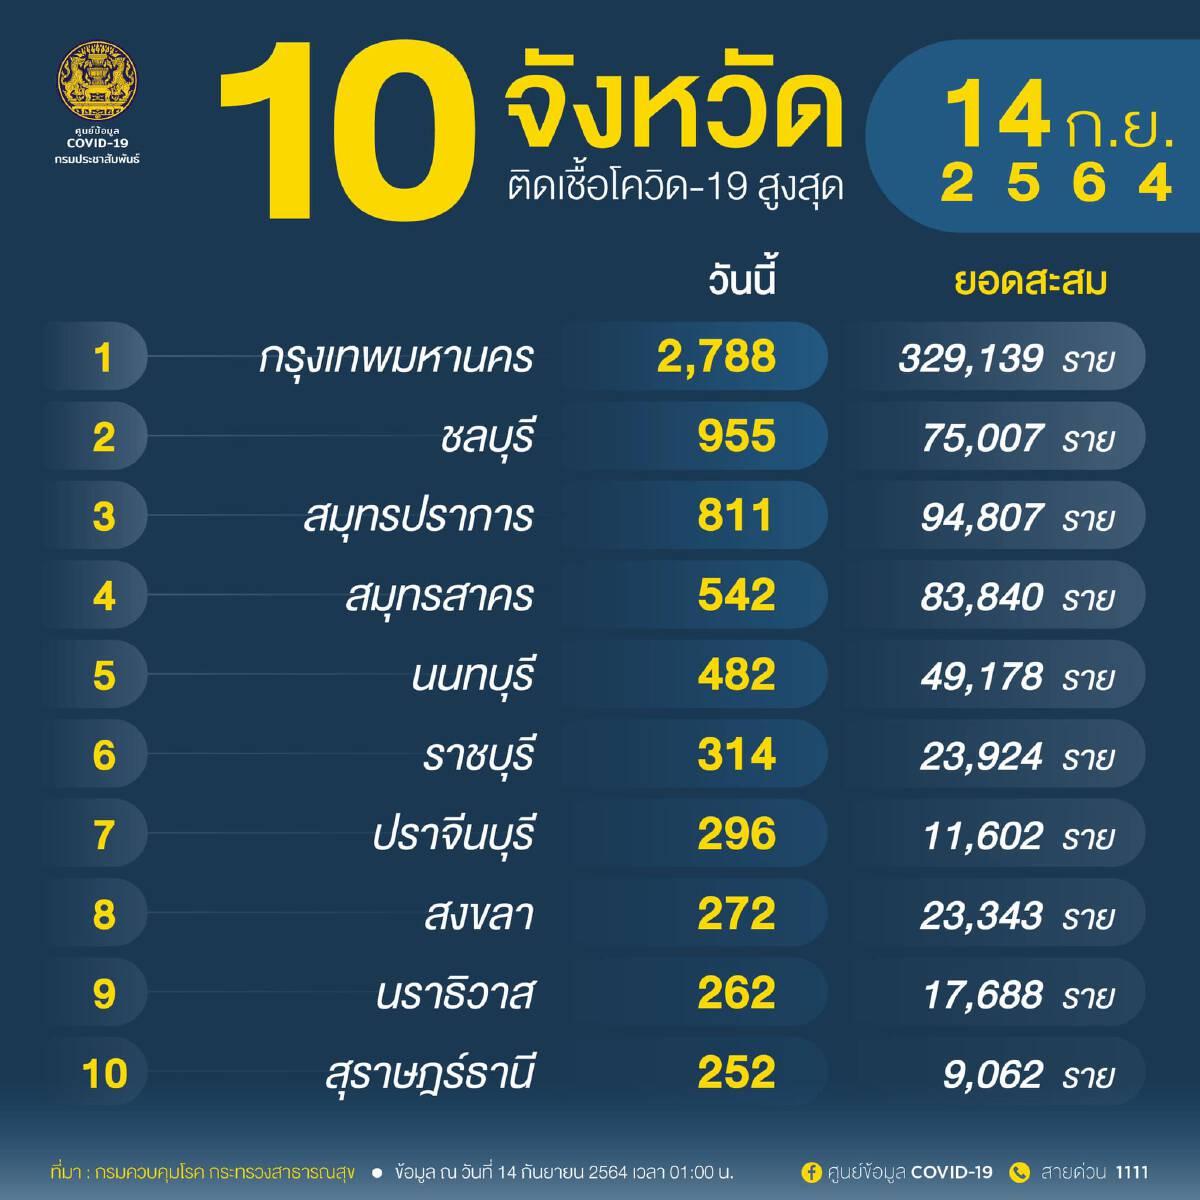 โควิดวันนี้ 10 จังหวัดติดเชื้อรายใหม่สูงสุด อันดับหนึ่ง กทม.2,788 ราย